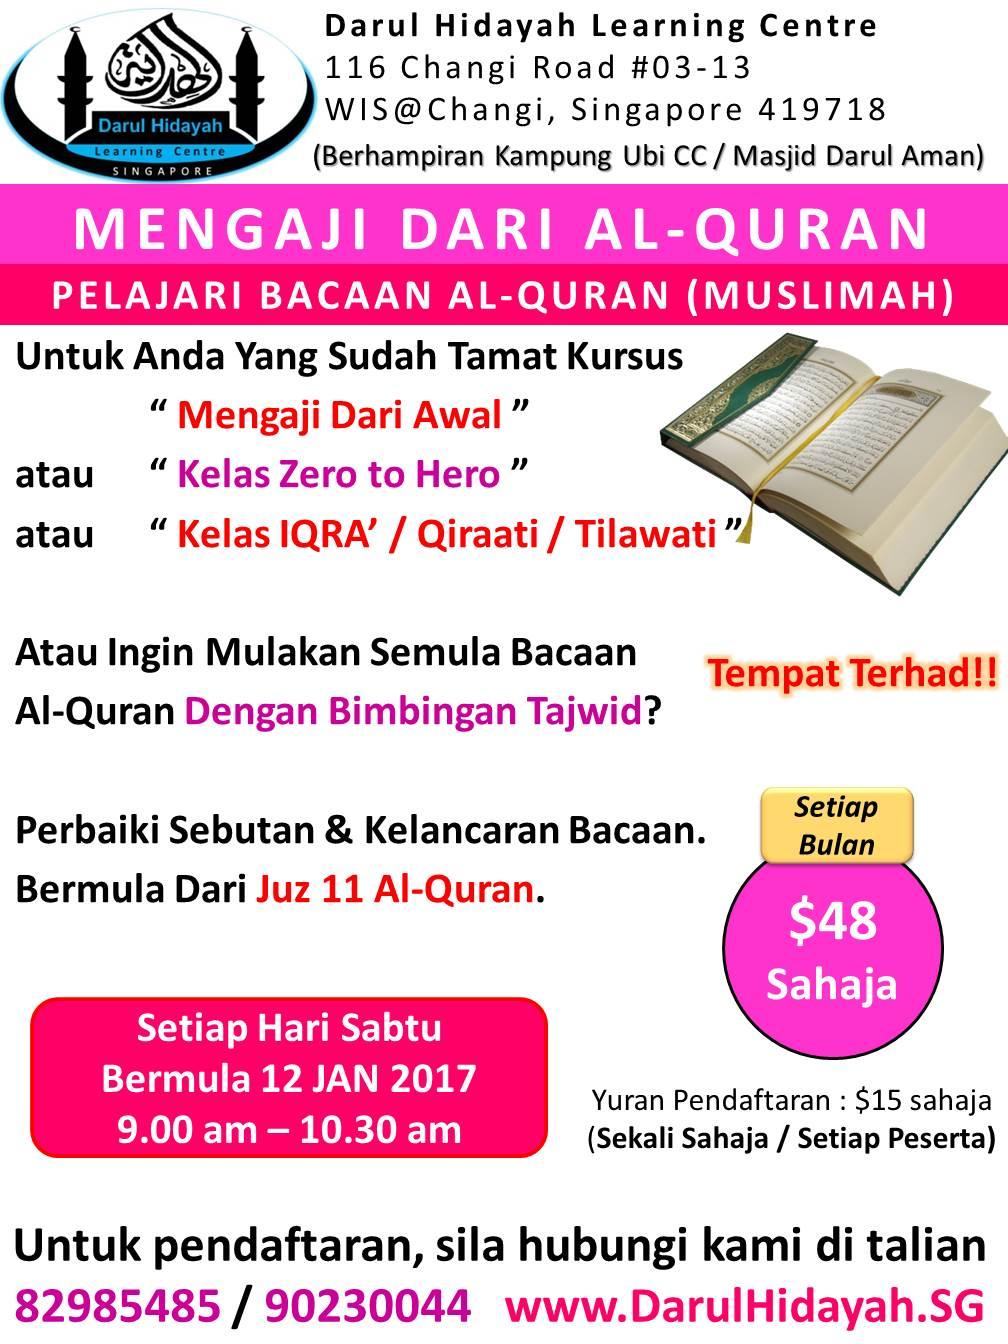 Darul Hidayah Poster Quran (MUSLIMAH)